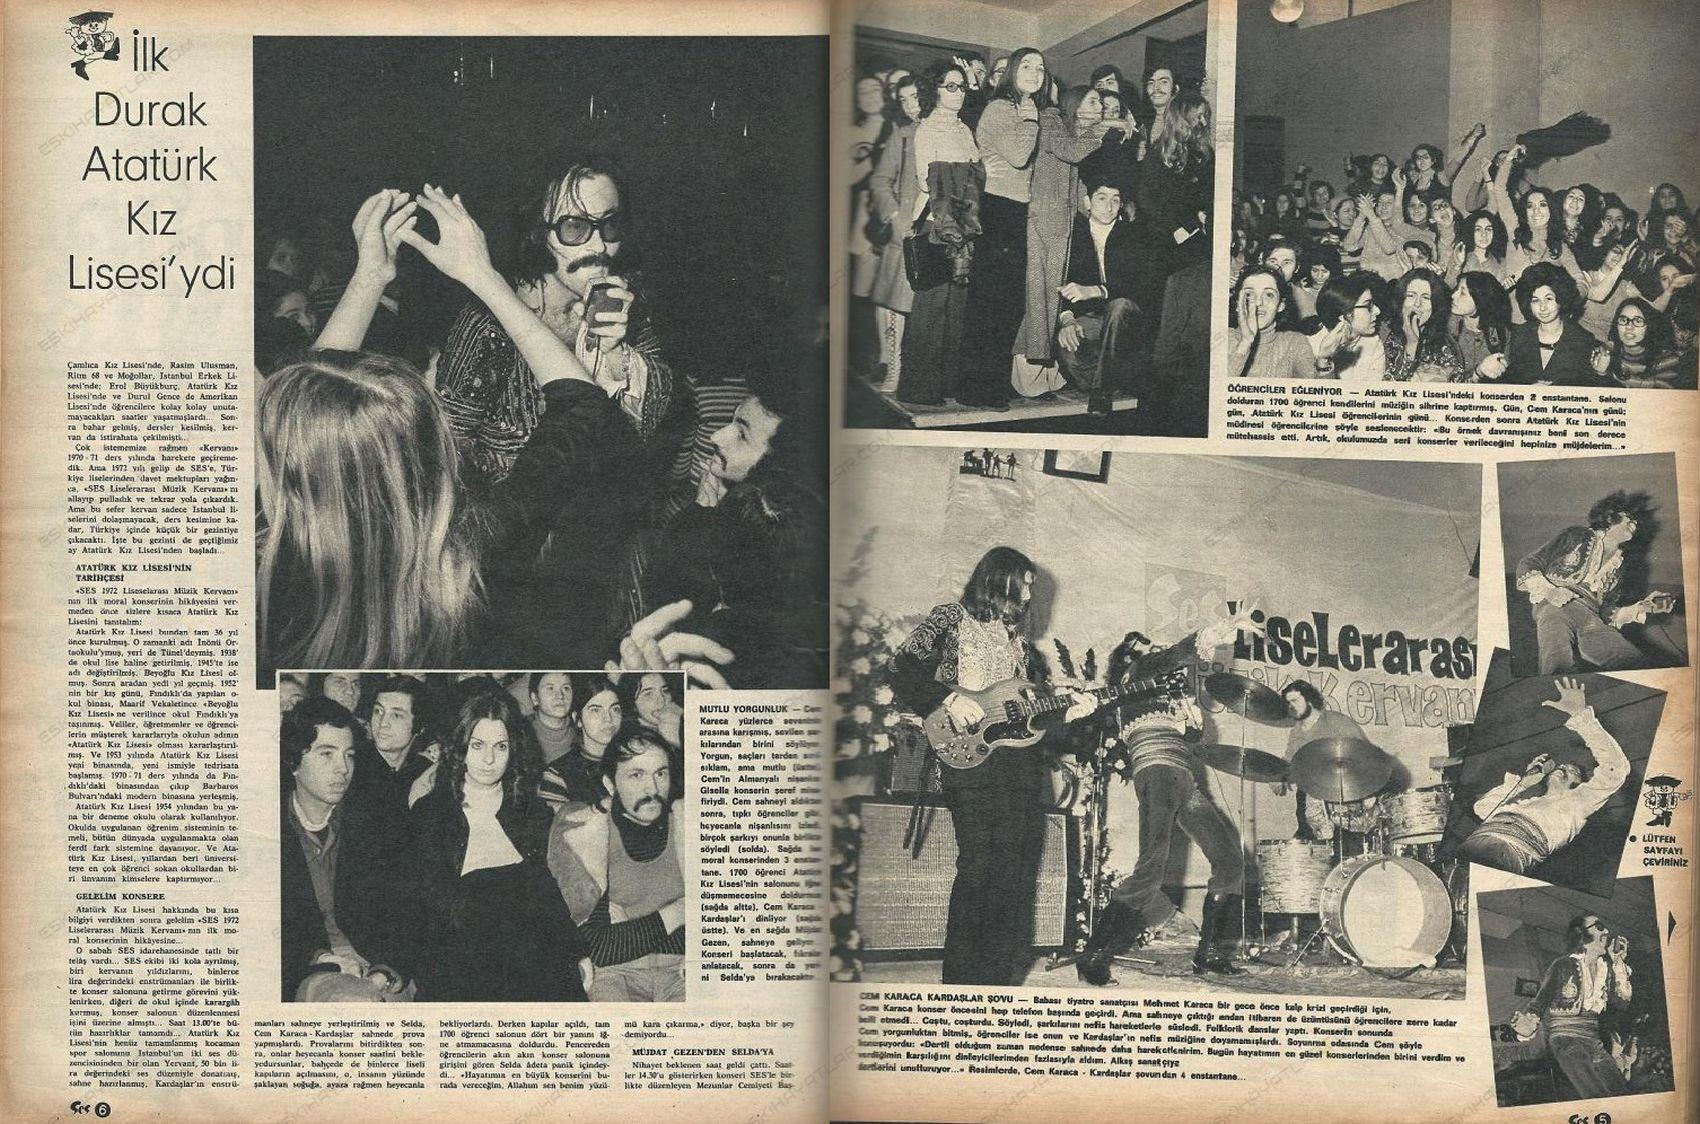 0121-liselerarasi-muzik-yarismasi-1972-ses-dergisi-cem-karaca-esin-afsar-selda-bagcan-konser-fotograflari-muzik-kervani (5)